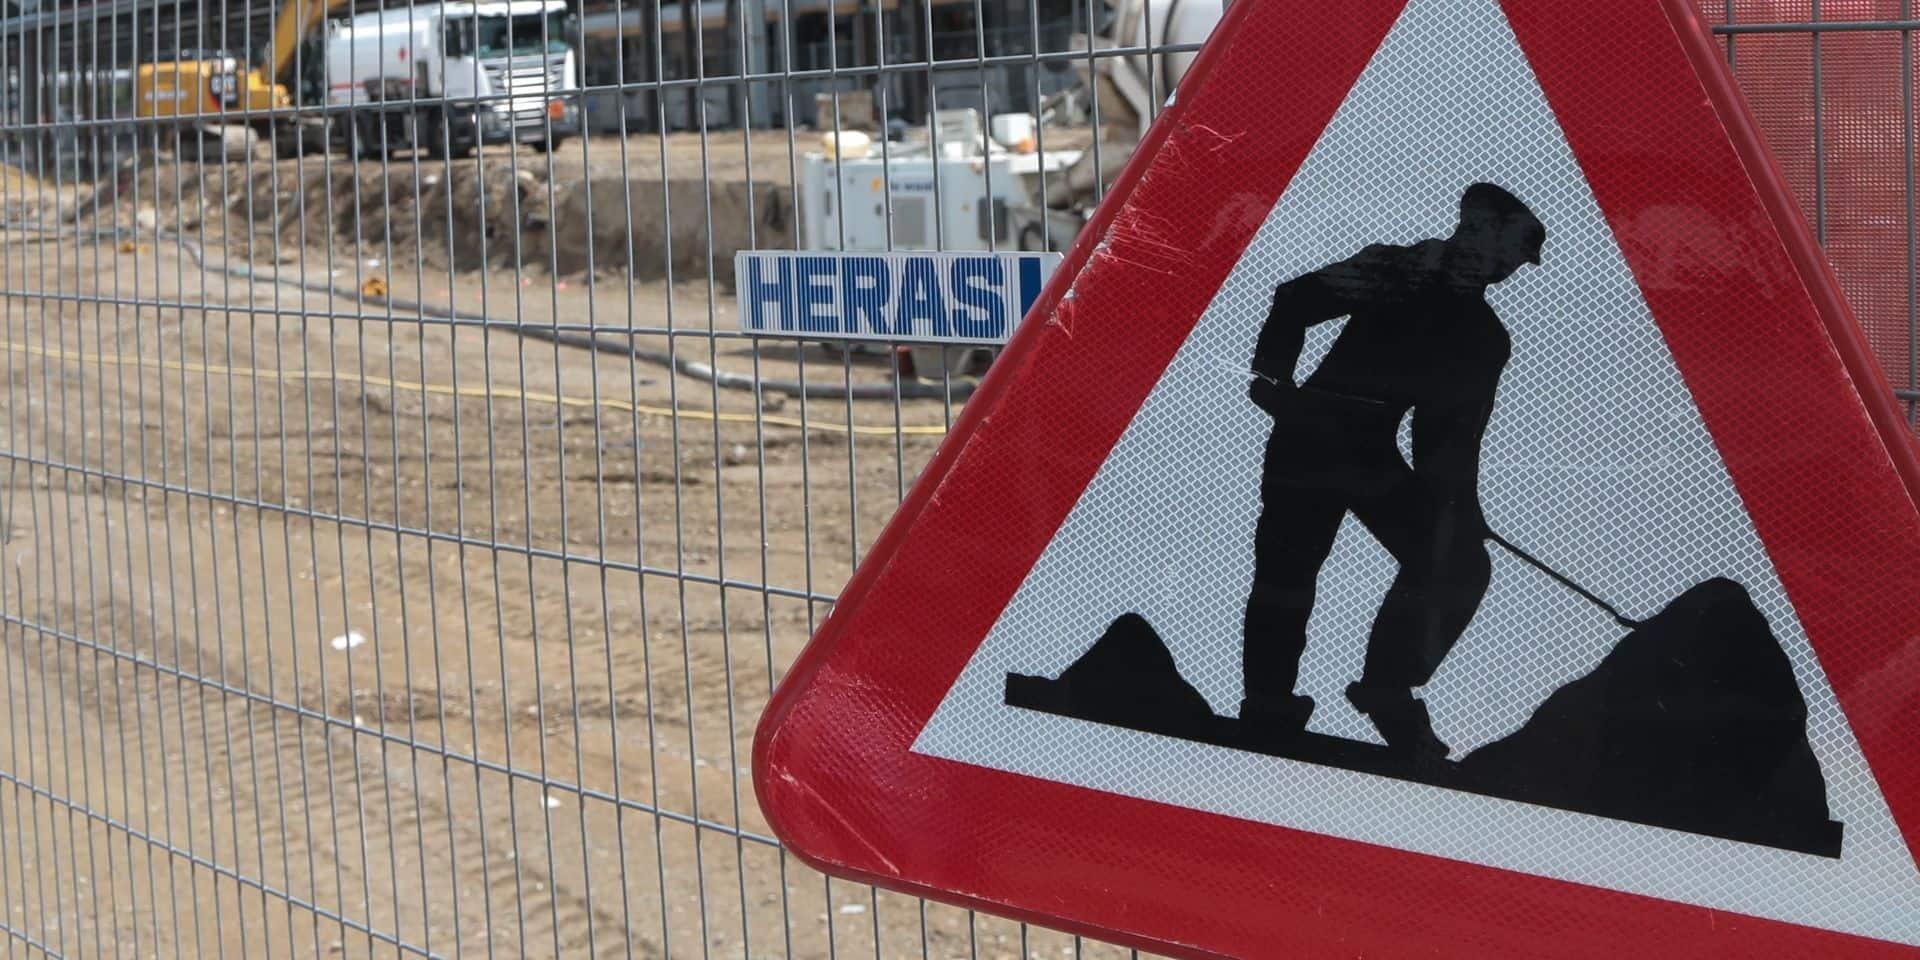 Mouscron : Des modifications de circulation seront bientôt d'application